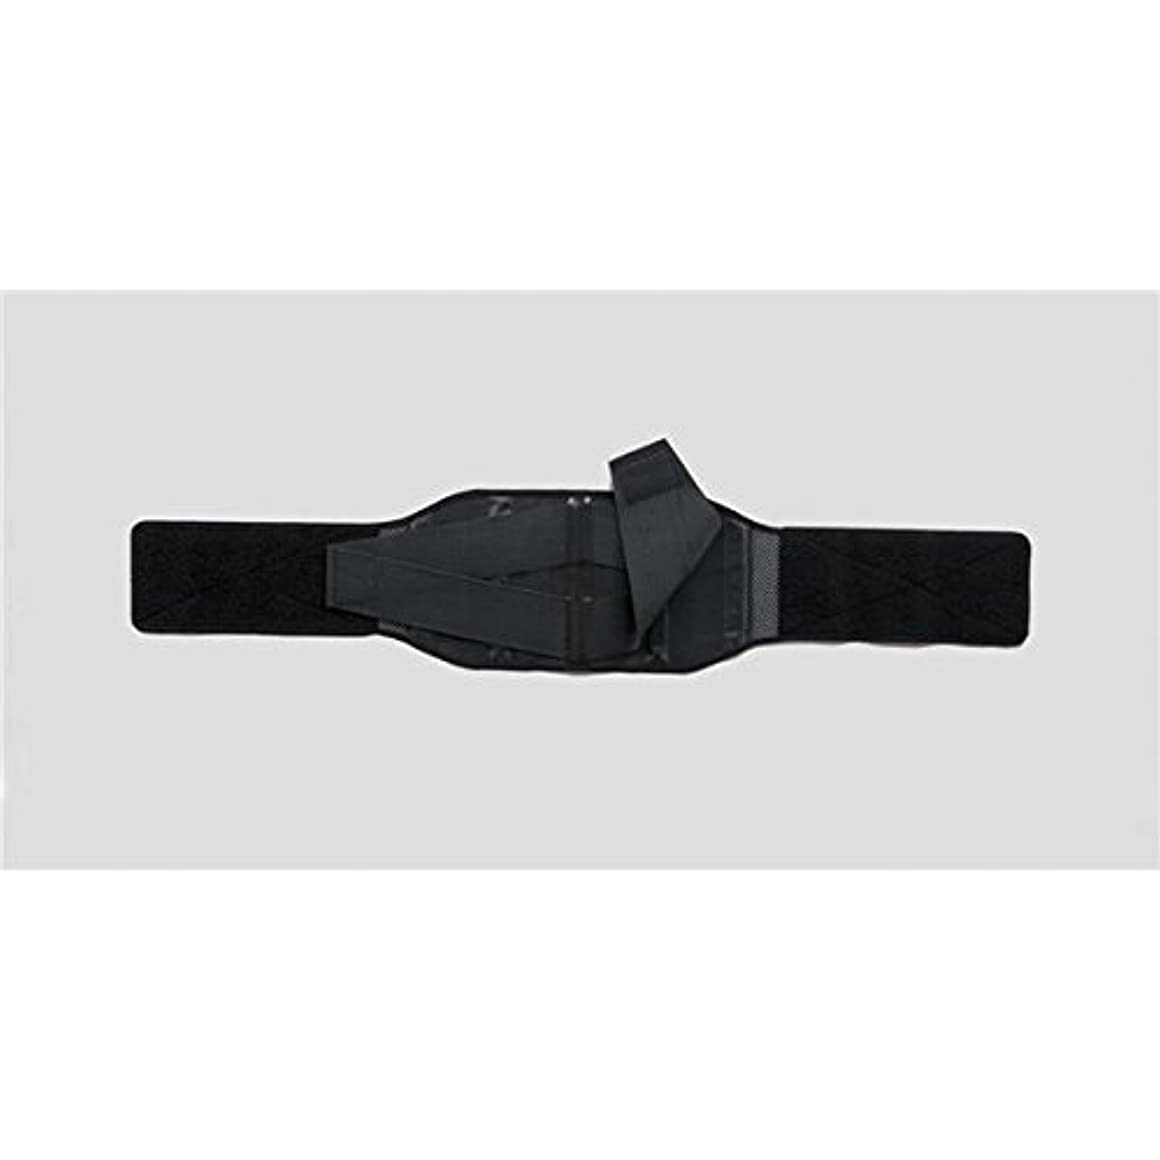 衣服風時間とともに(まとめ)竹虎 骨盤ベルト ランバック M ブラック 33993【×5セット】 ds-1547323